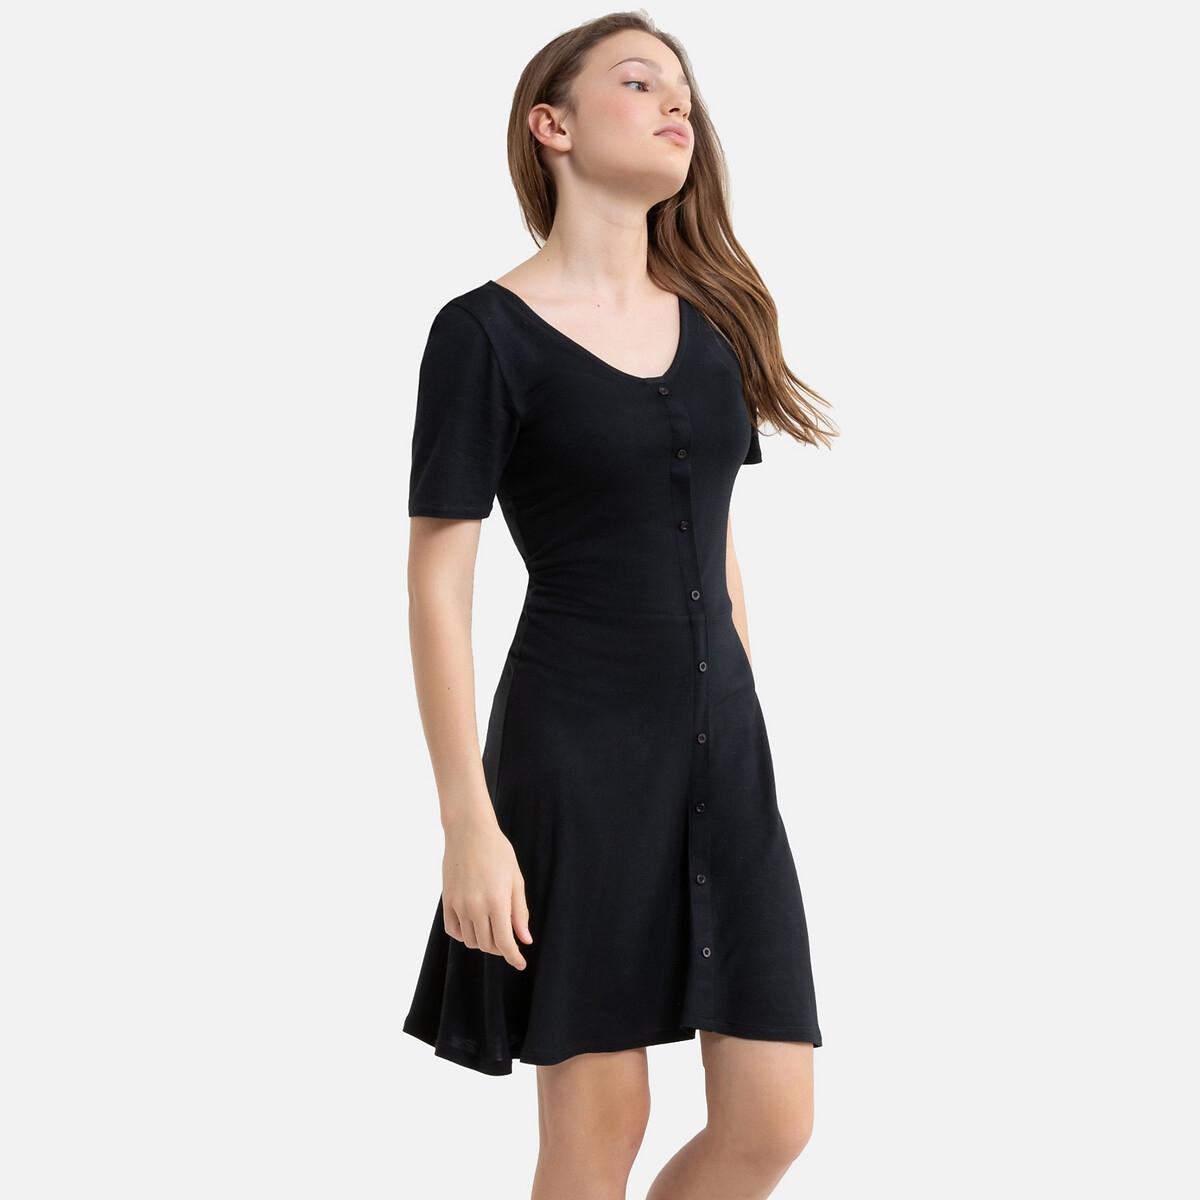 Платье La Redoute Струящееся с короткими рукавами 10 лет - 138 см черный